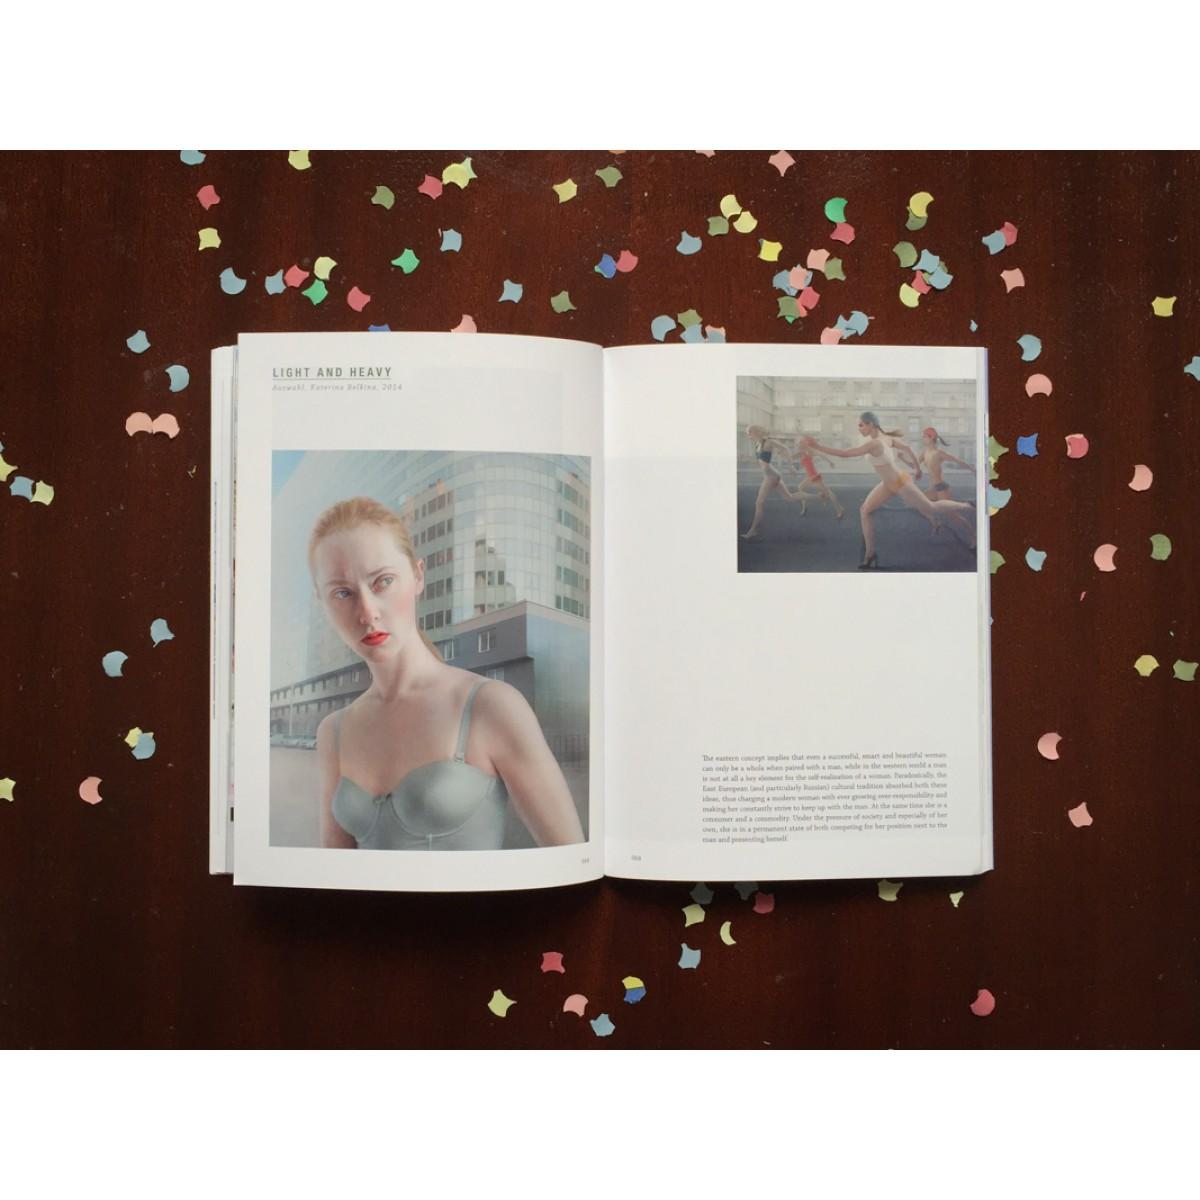 HANT – Magazin für Fotografie / Ausgabe 05